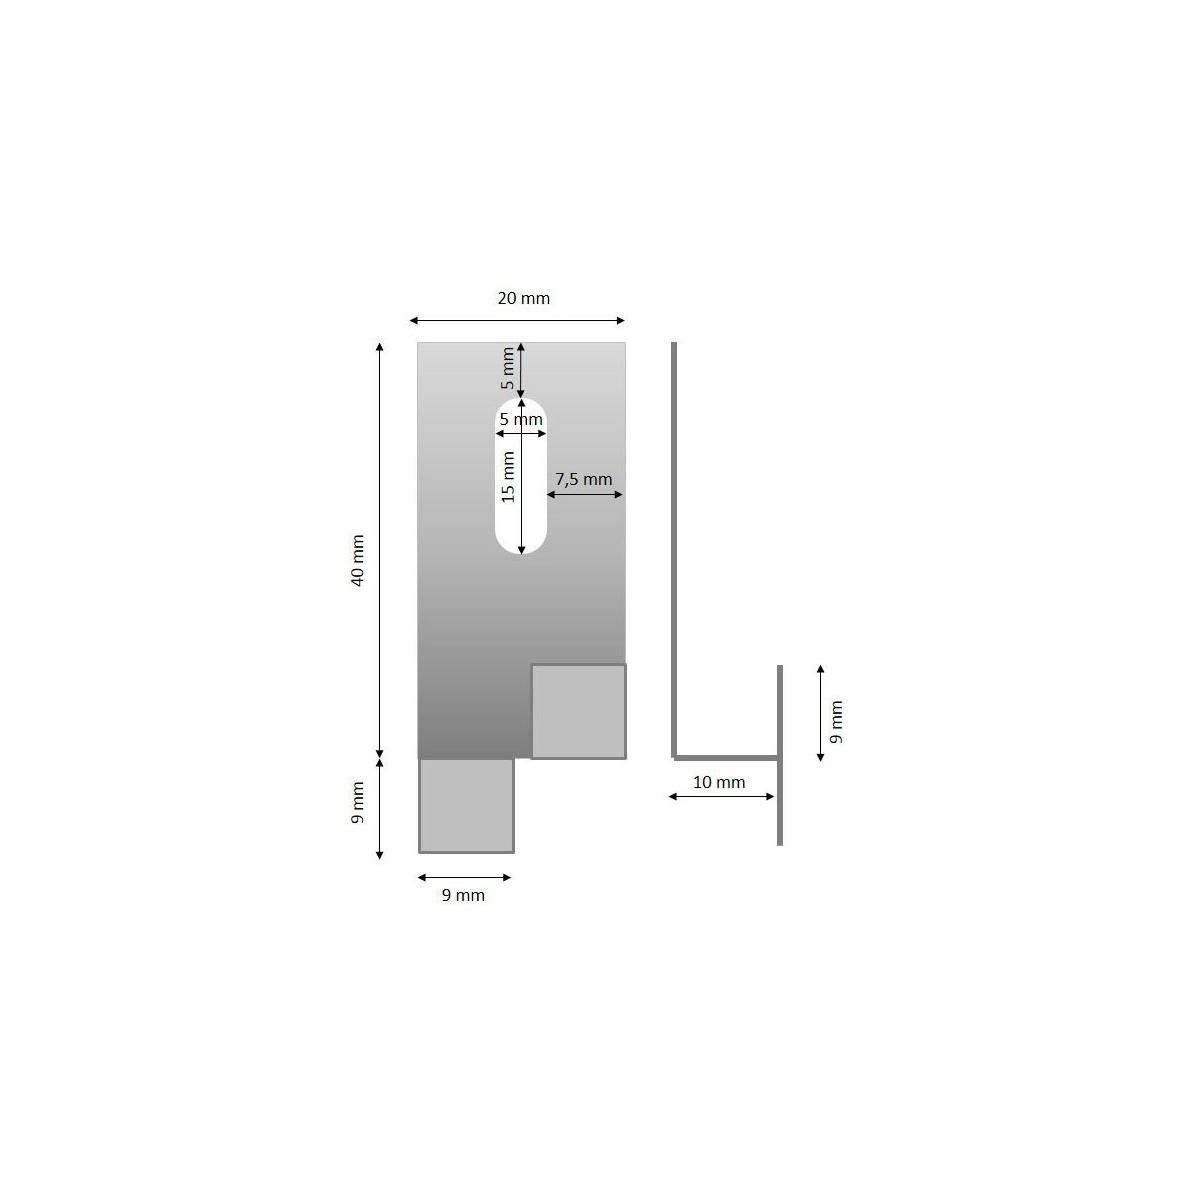 0 Anclaje intermedio 40x10 (oculto)